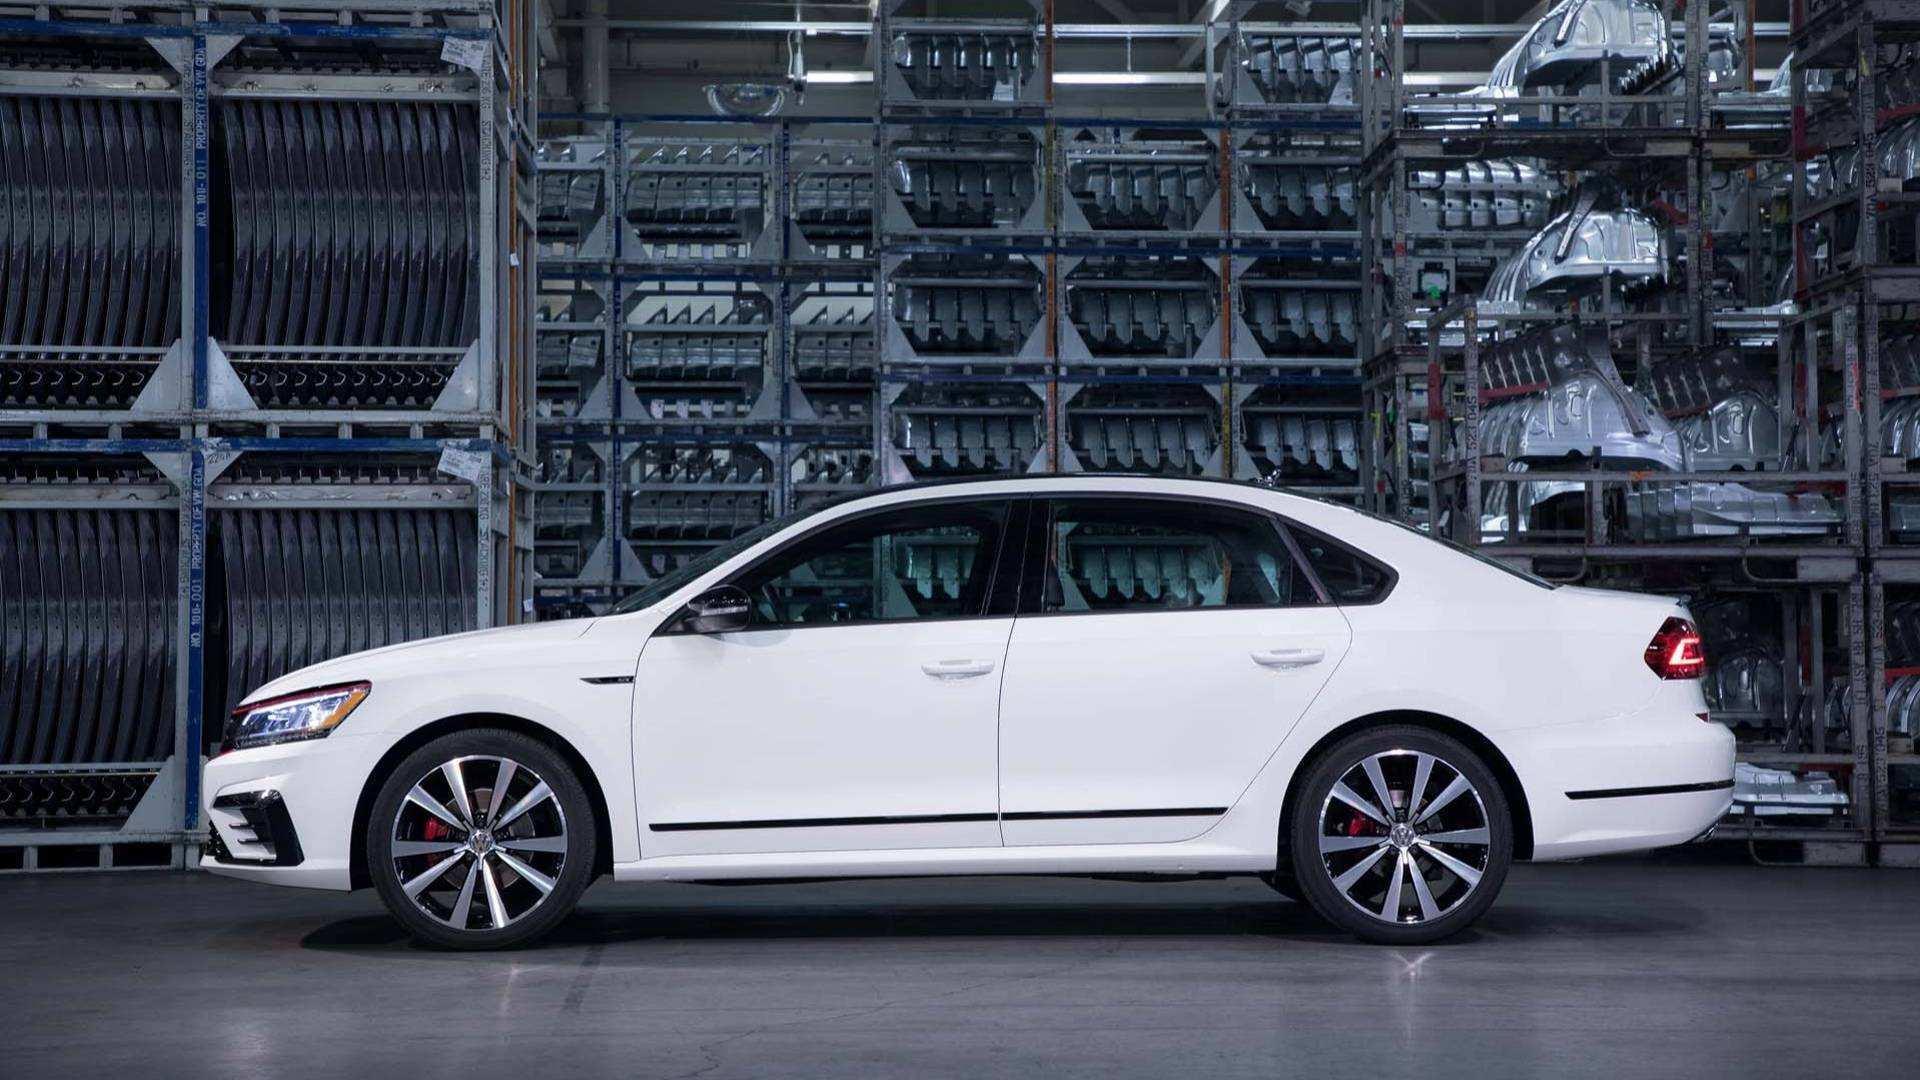 78 The VW Passat Gt 2020 History with VW Passat Gt 2020